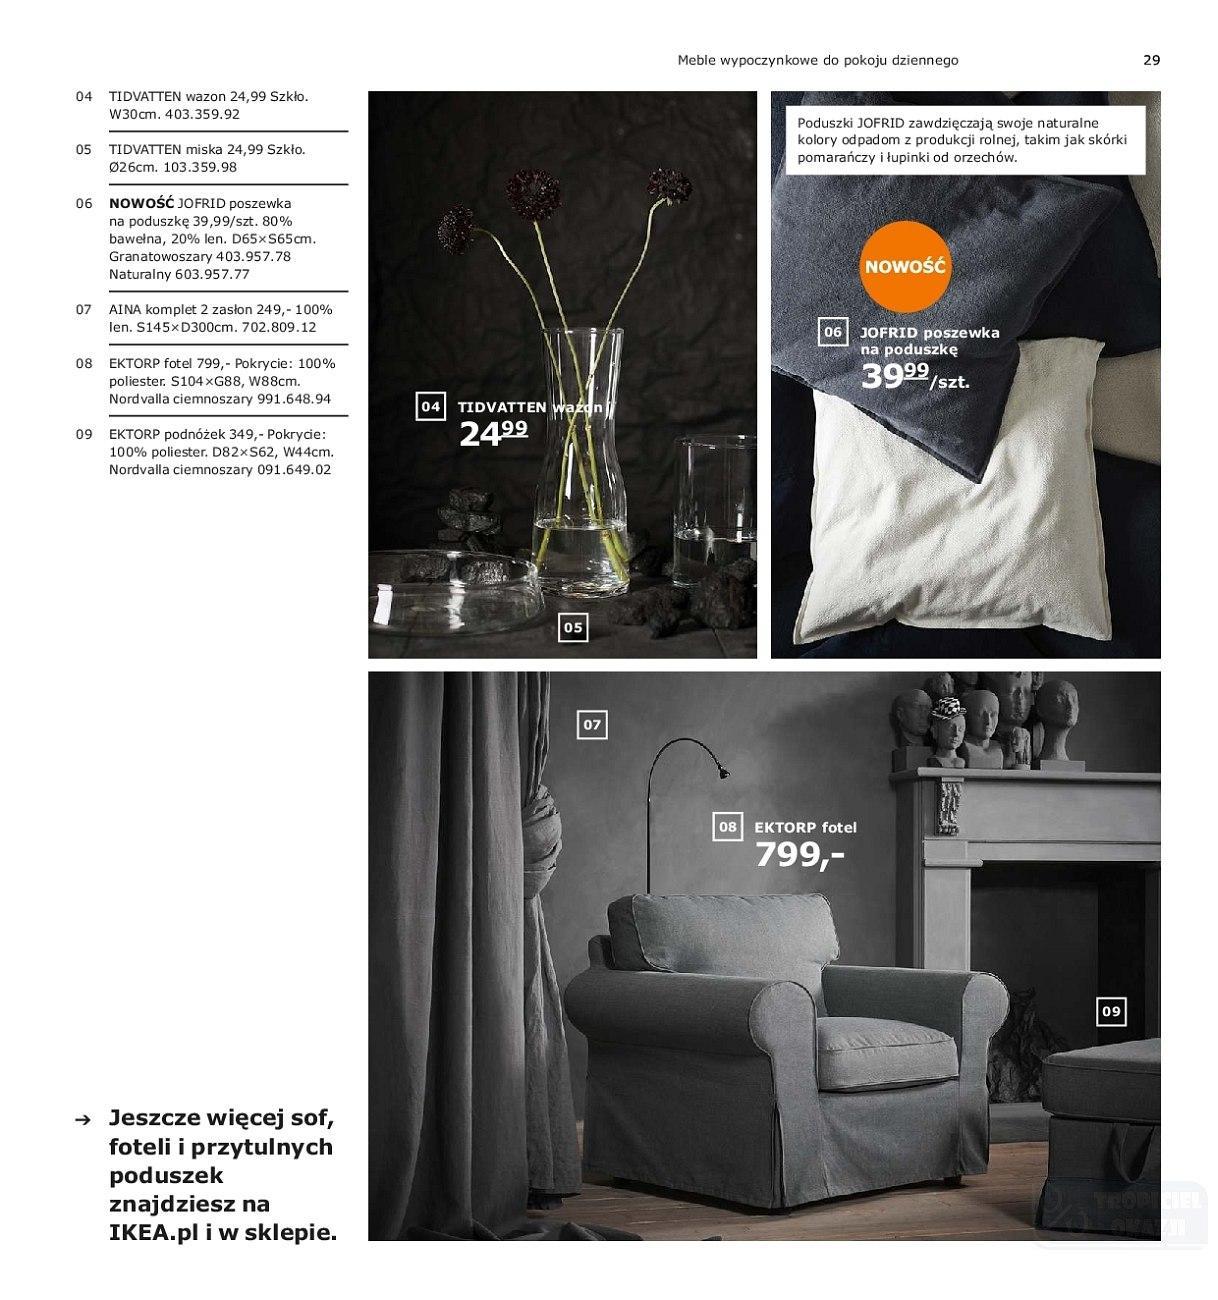 Gazetka promocyjna IKEA do 31/07/2019 str.29